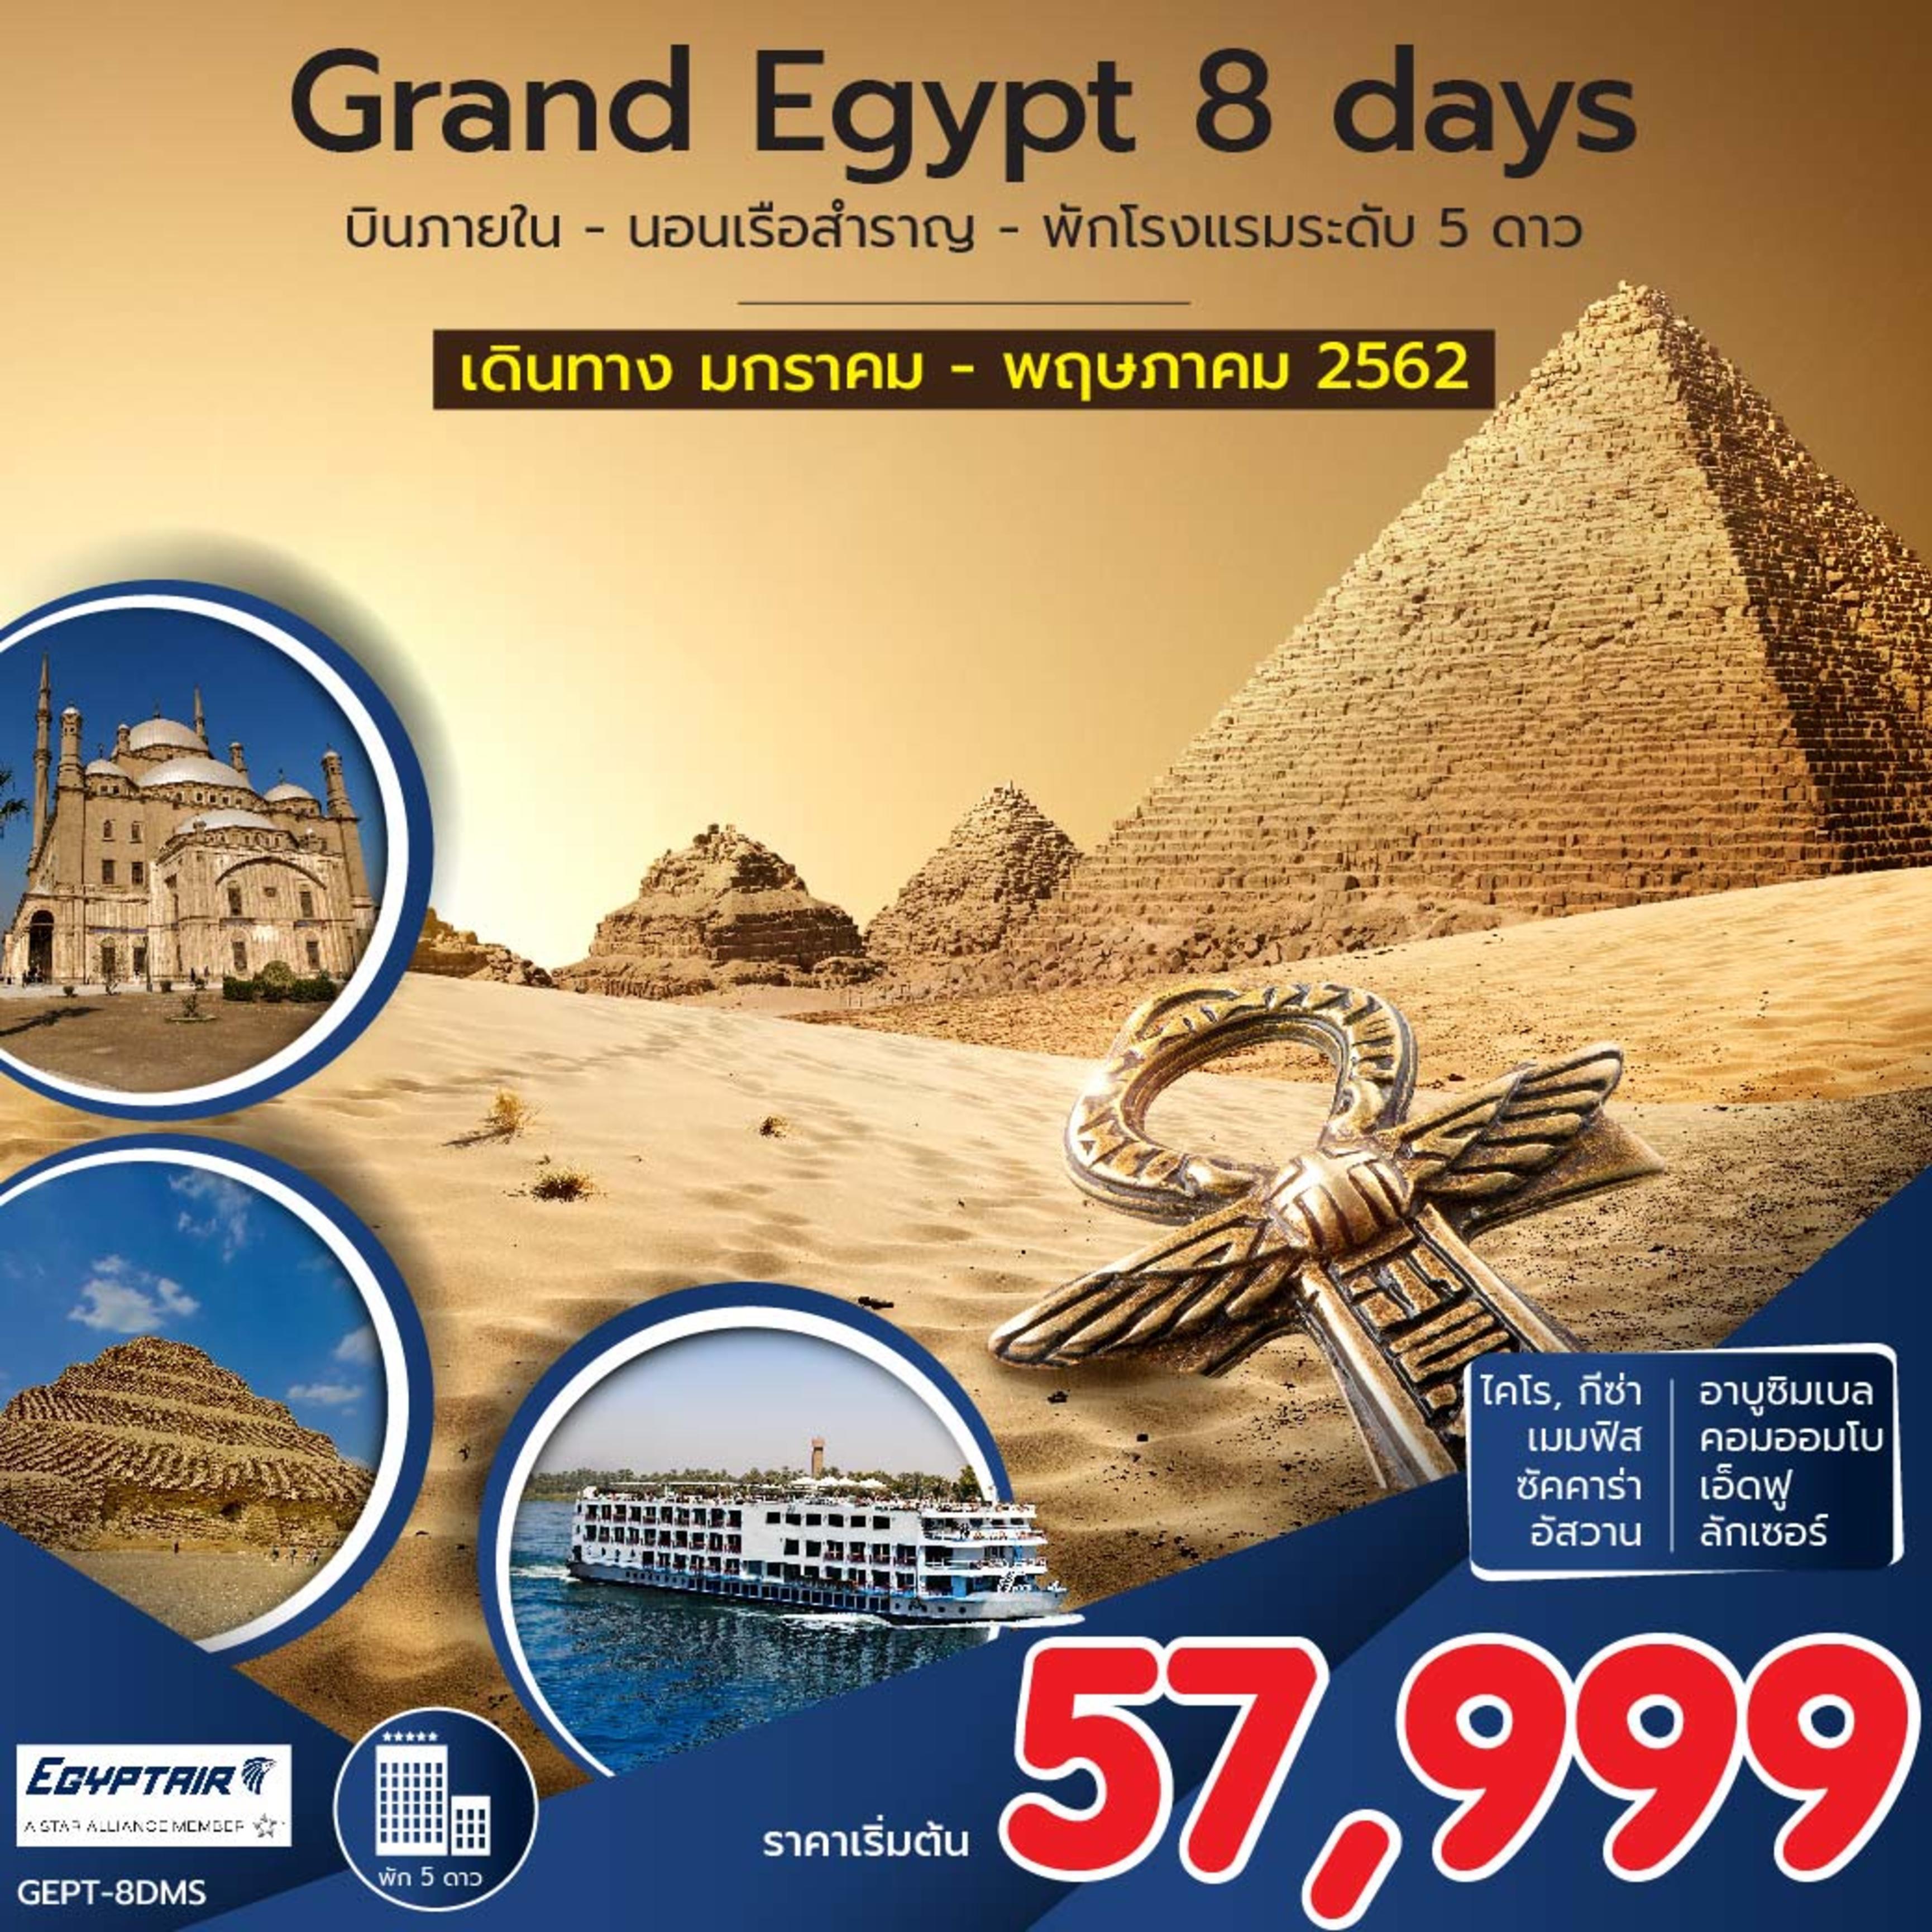 สุดยอดอียิปต์ กินหรู อยู่สบาย 8 วัน